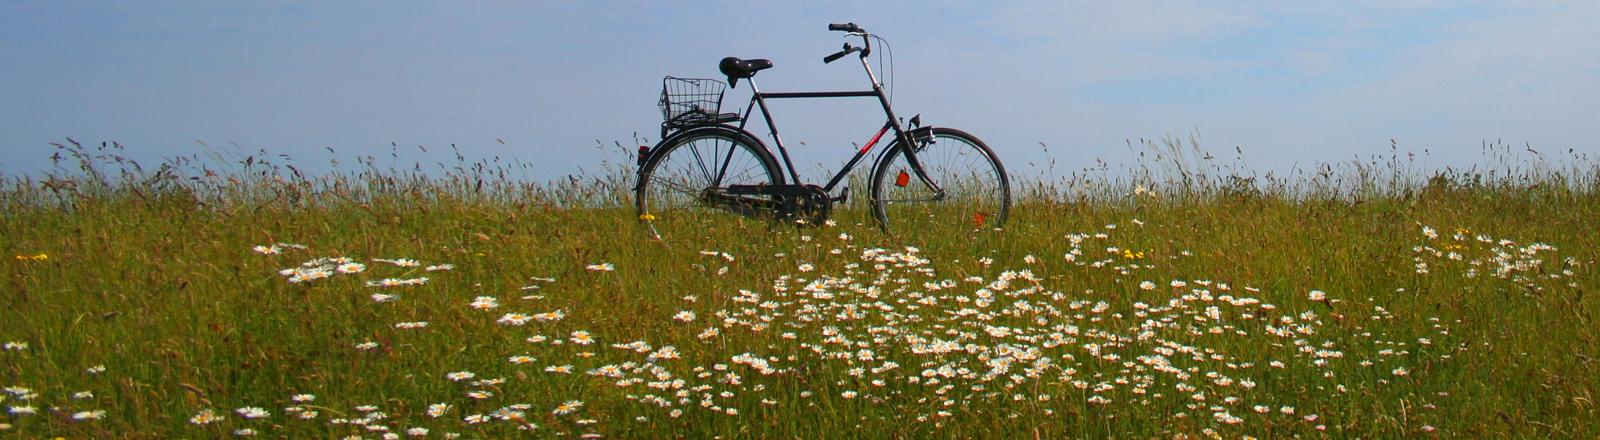 Ein Fahrrad für Herren im Feld mit Himmel.